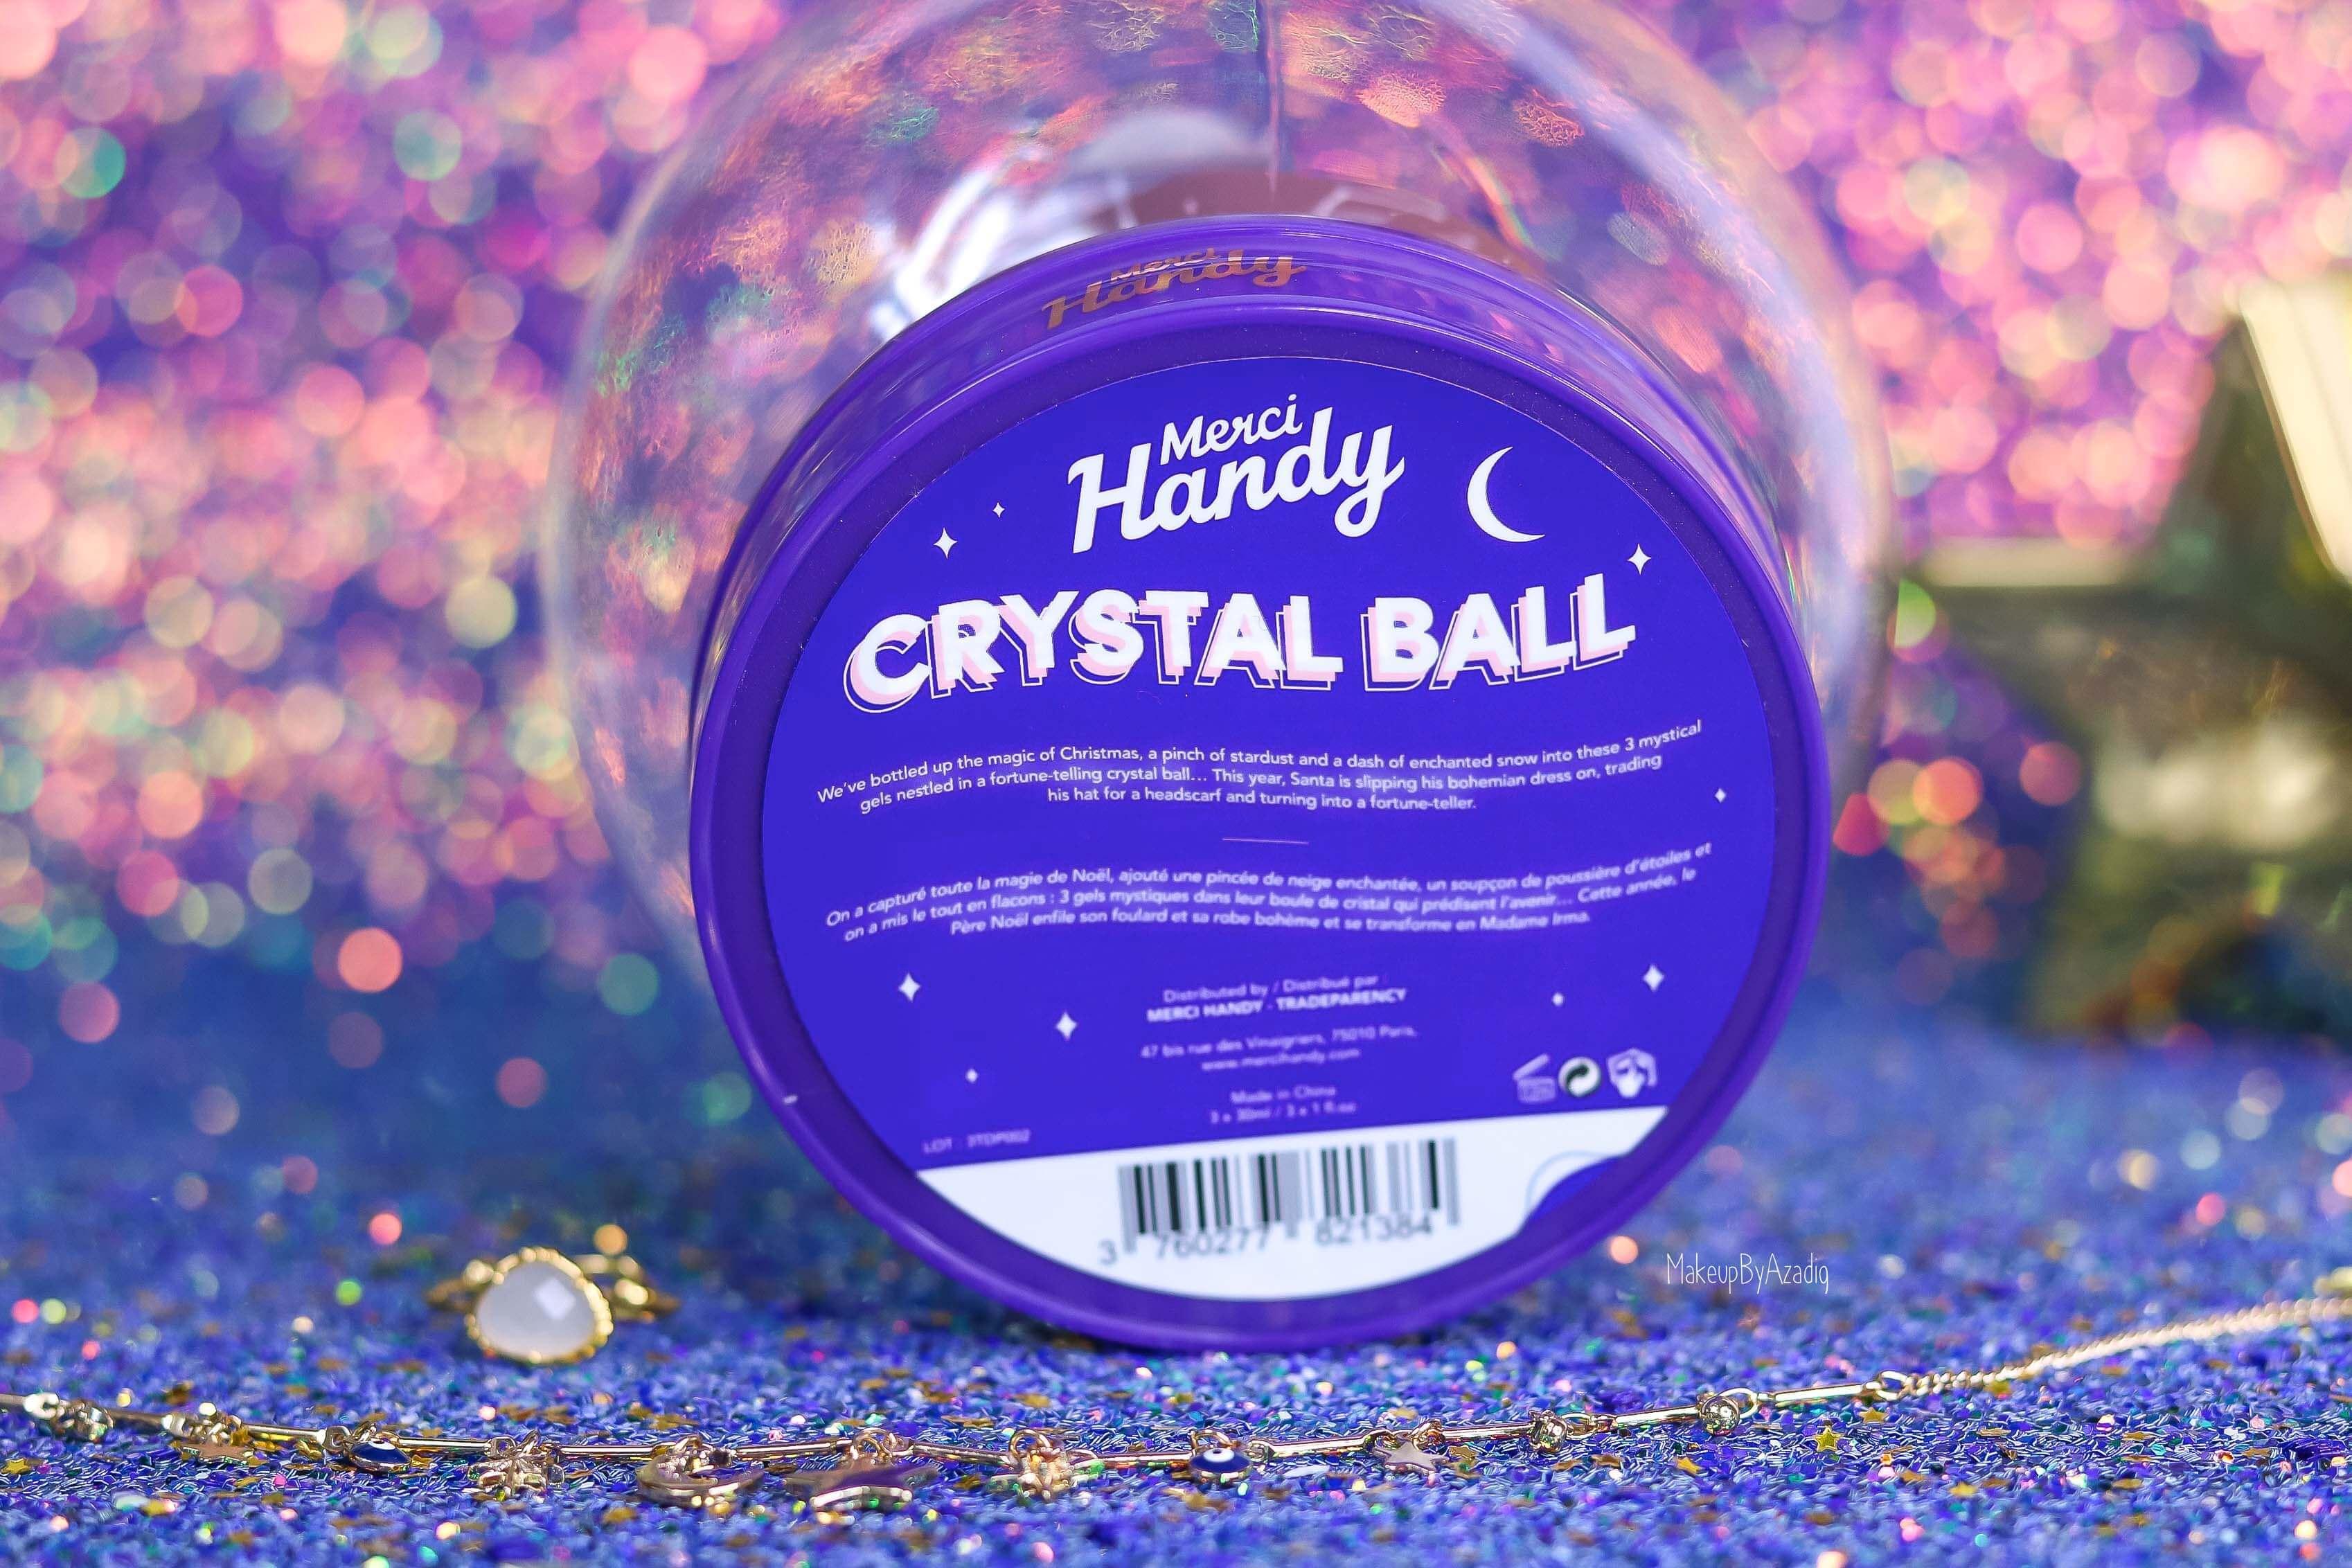 revue-coffret-collection-gel-antibacteriens-merci-handy-crystal-ball-mystique-makeupbyazadig-new-avis-prix-senteur-sephora-clean